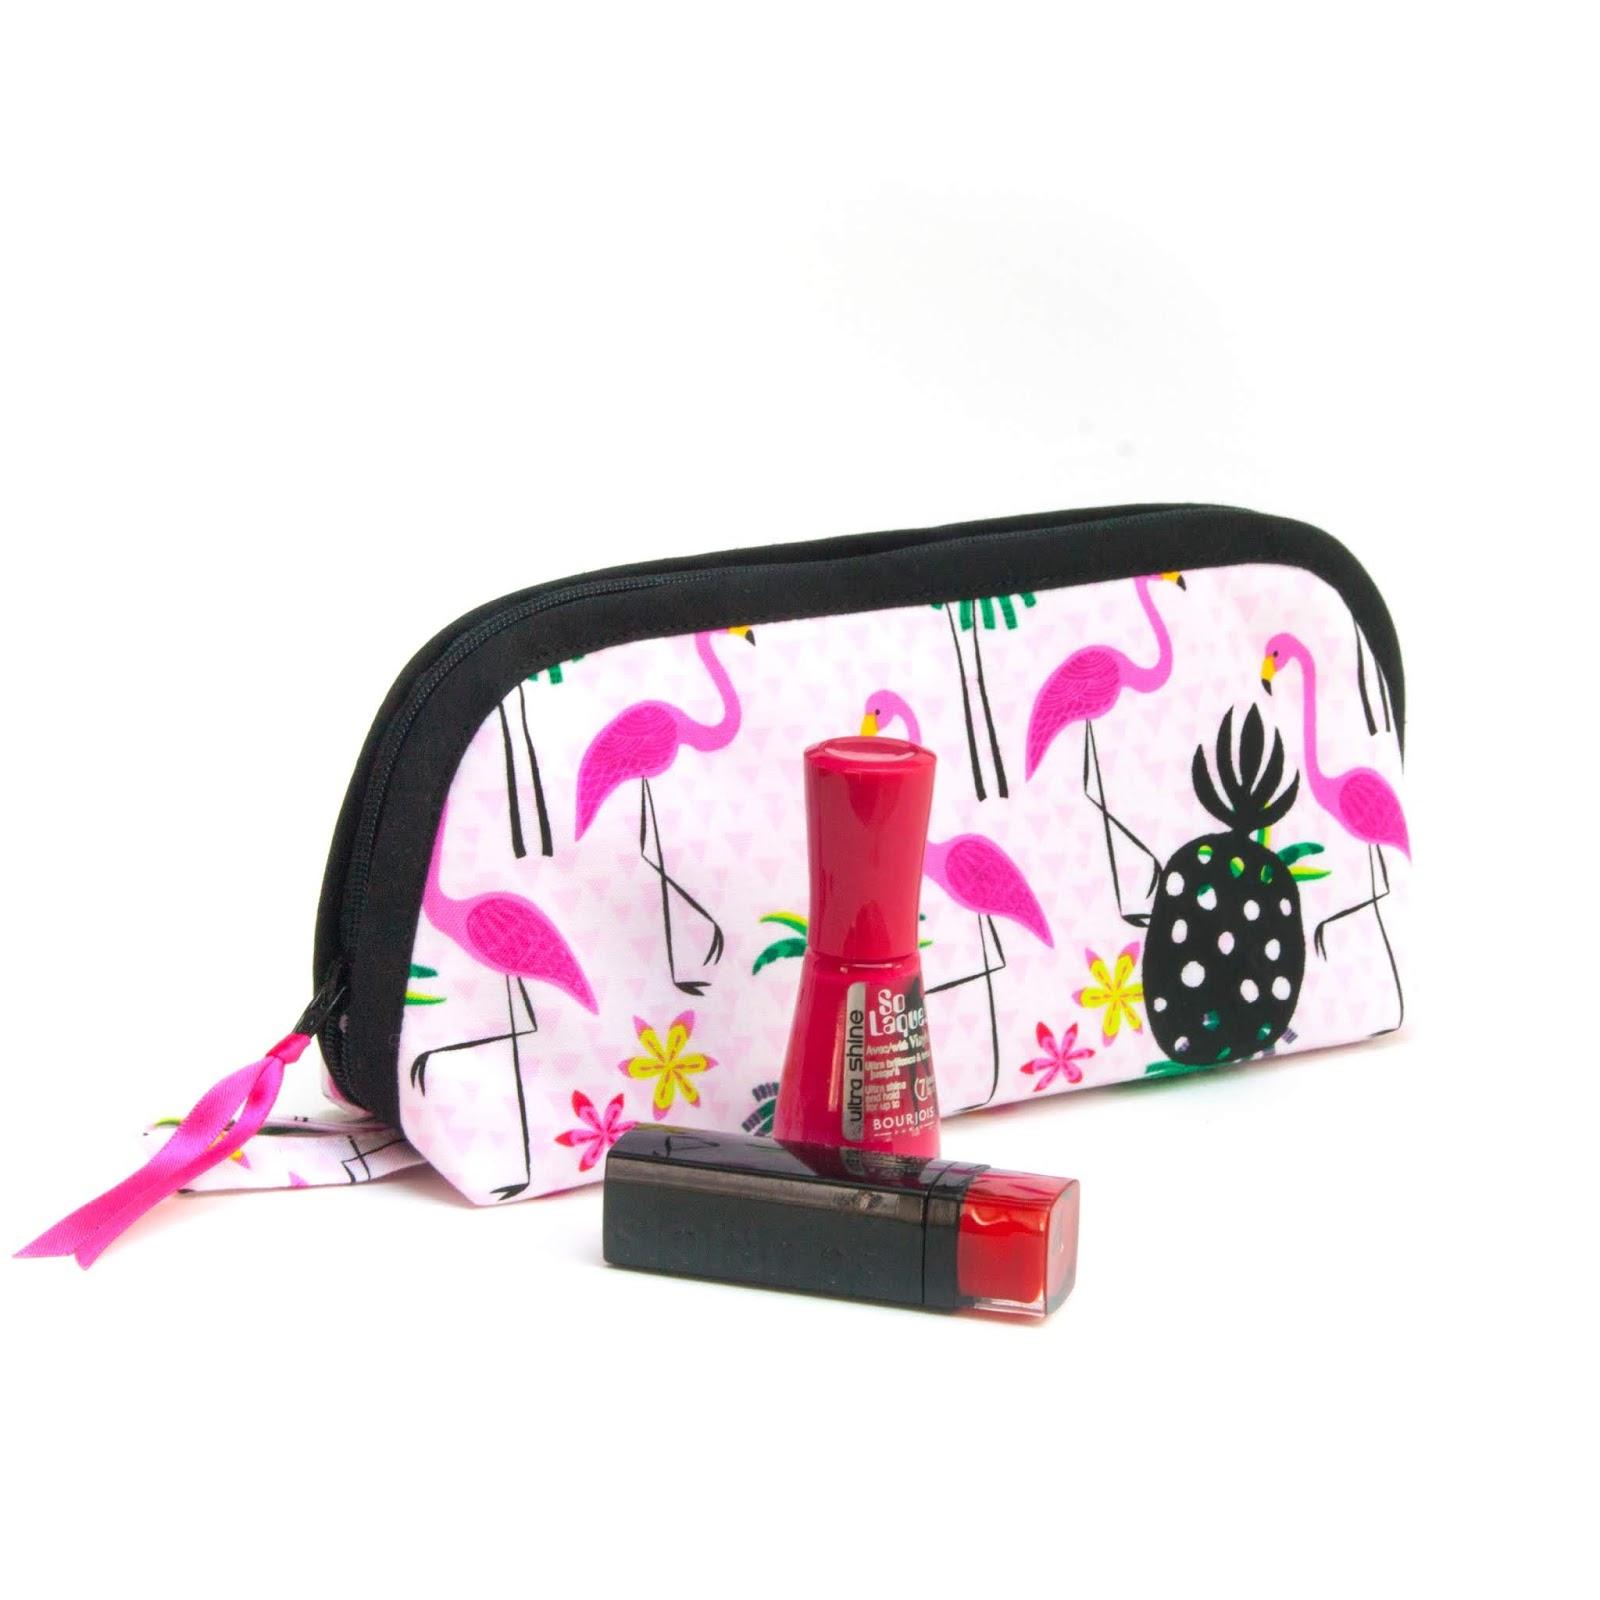 Trousse de toilette, d'école, à pharmacie,à maquillage, grande ouverture, fait-main, tissu flamants roses, motif ananas, doublée, 20x6x10 cm